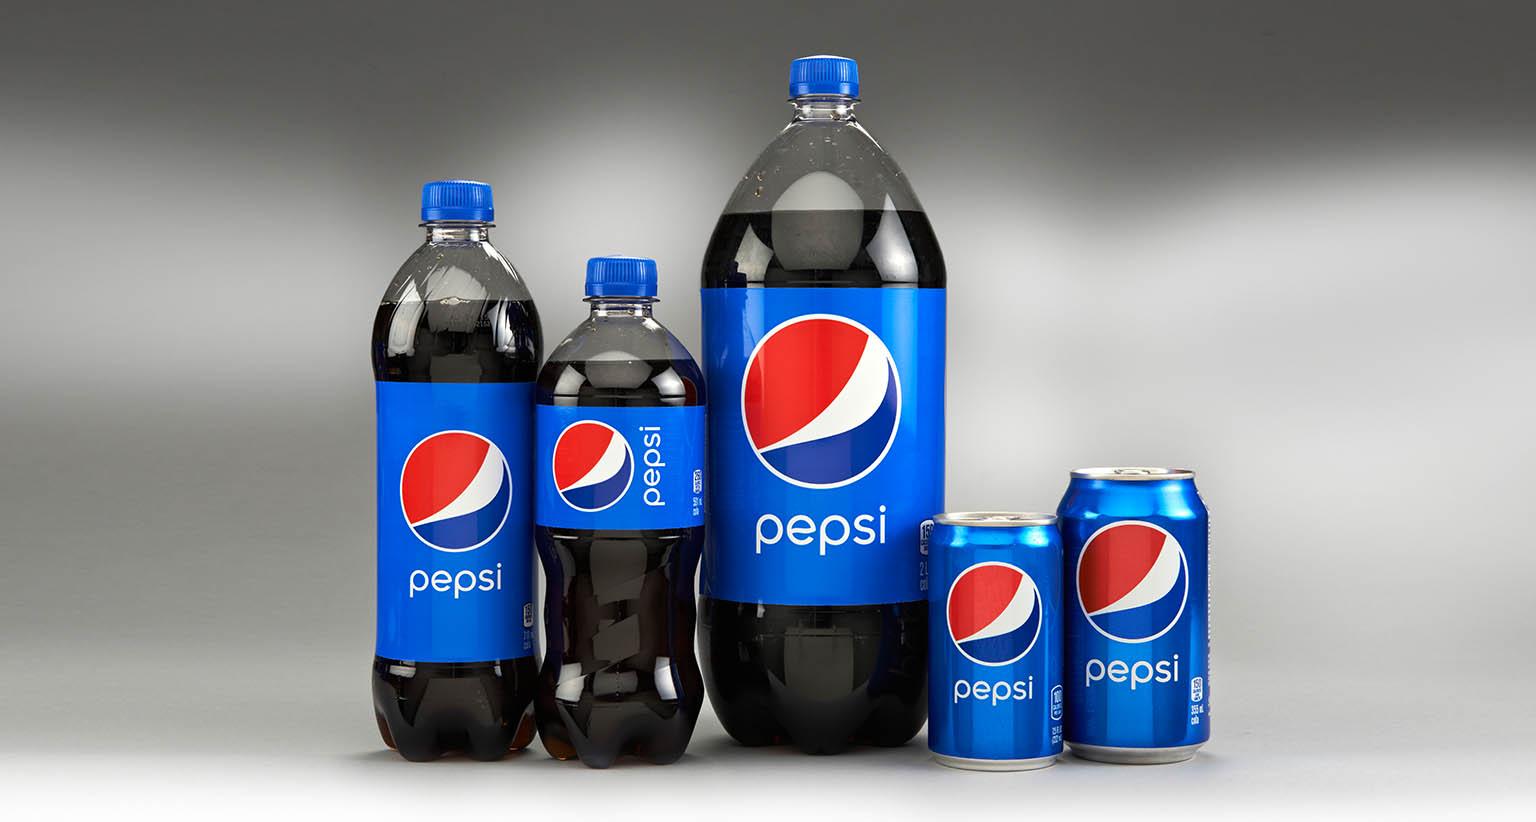 Pepsi Big Bold Blue Shikatani Lacroix Design Inc